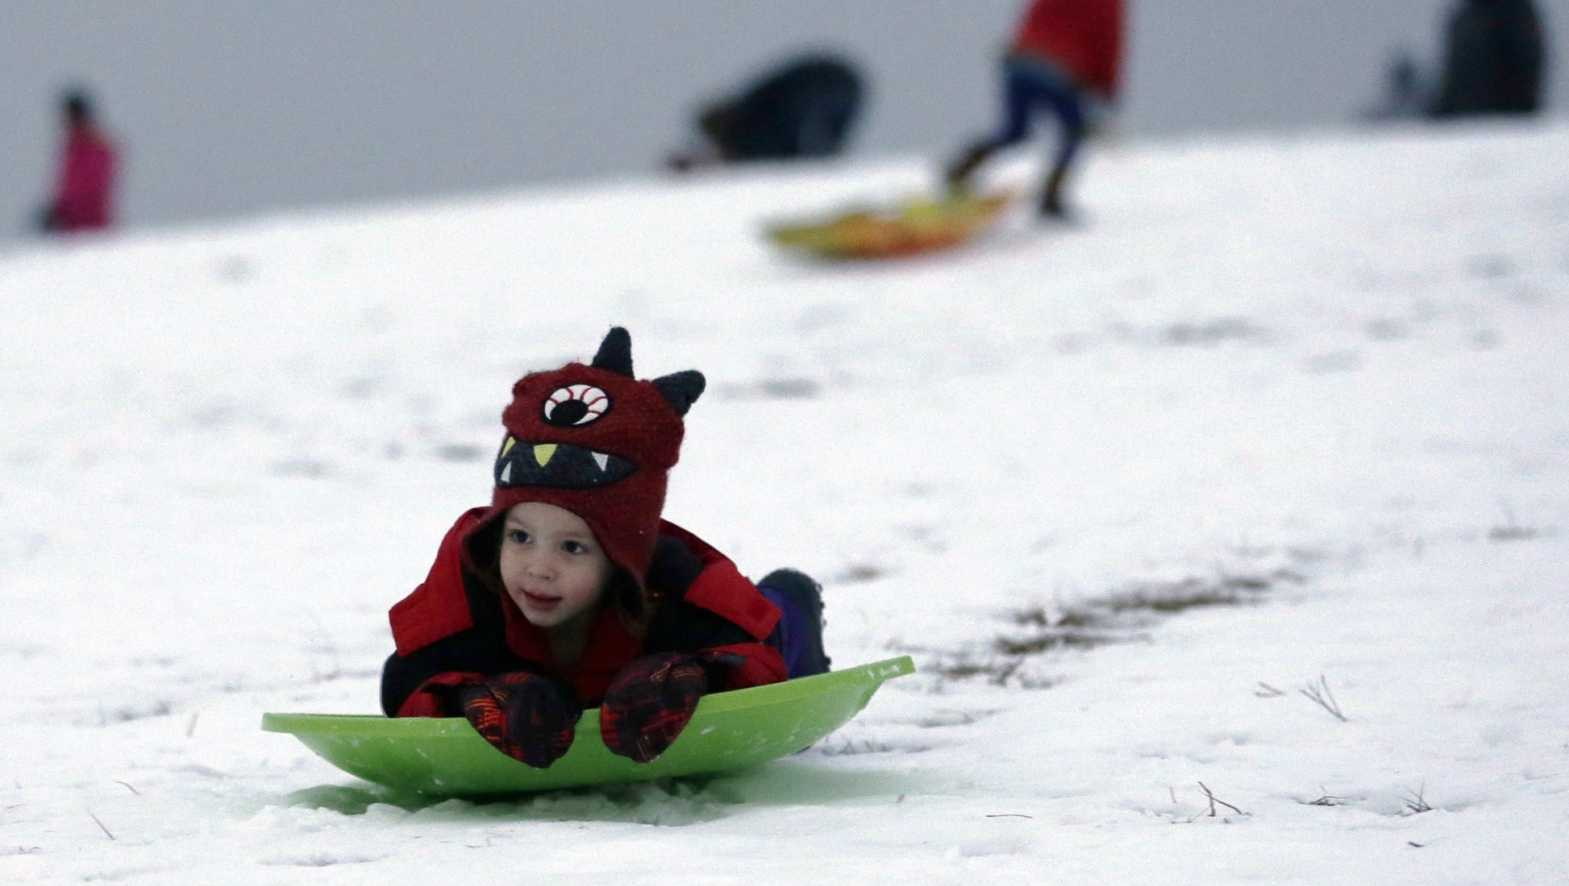 Clild sledding in snow.jpg